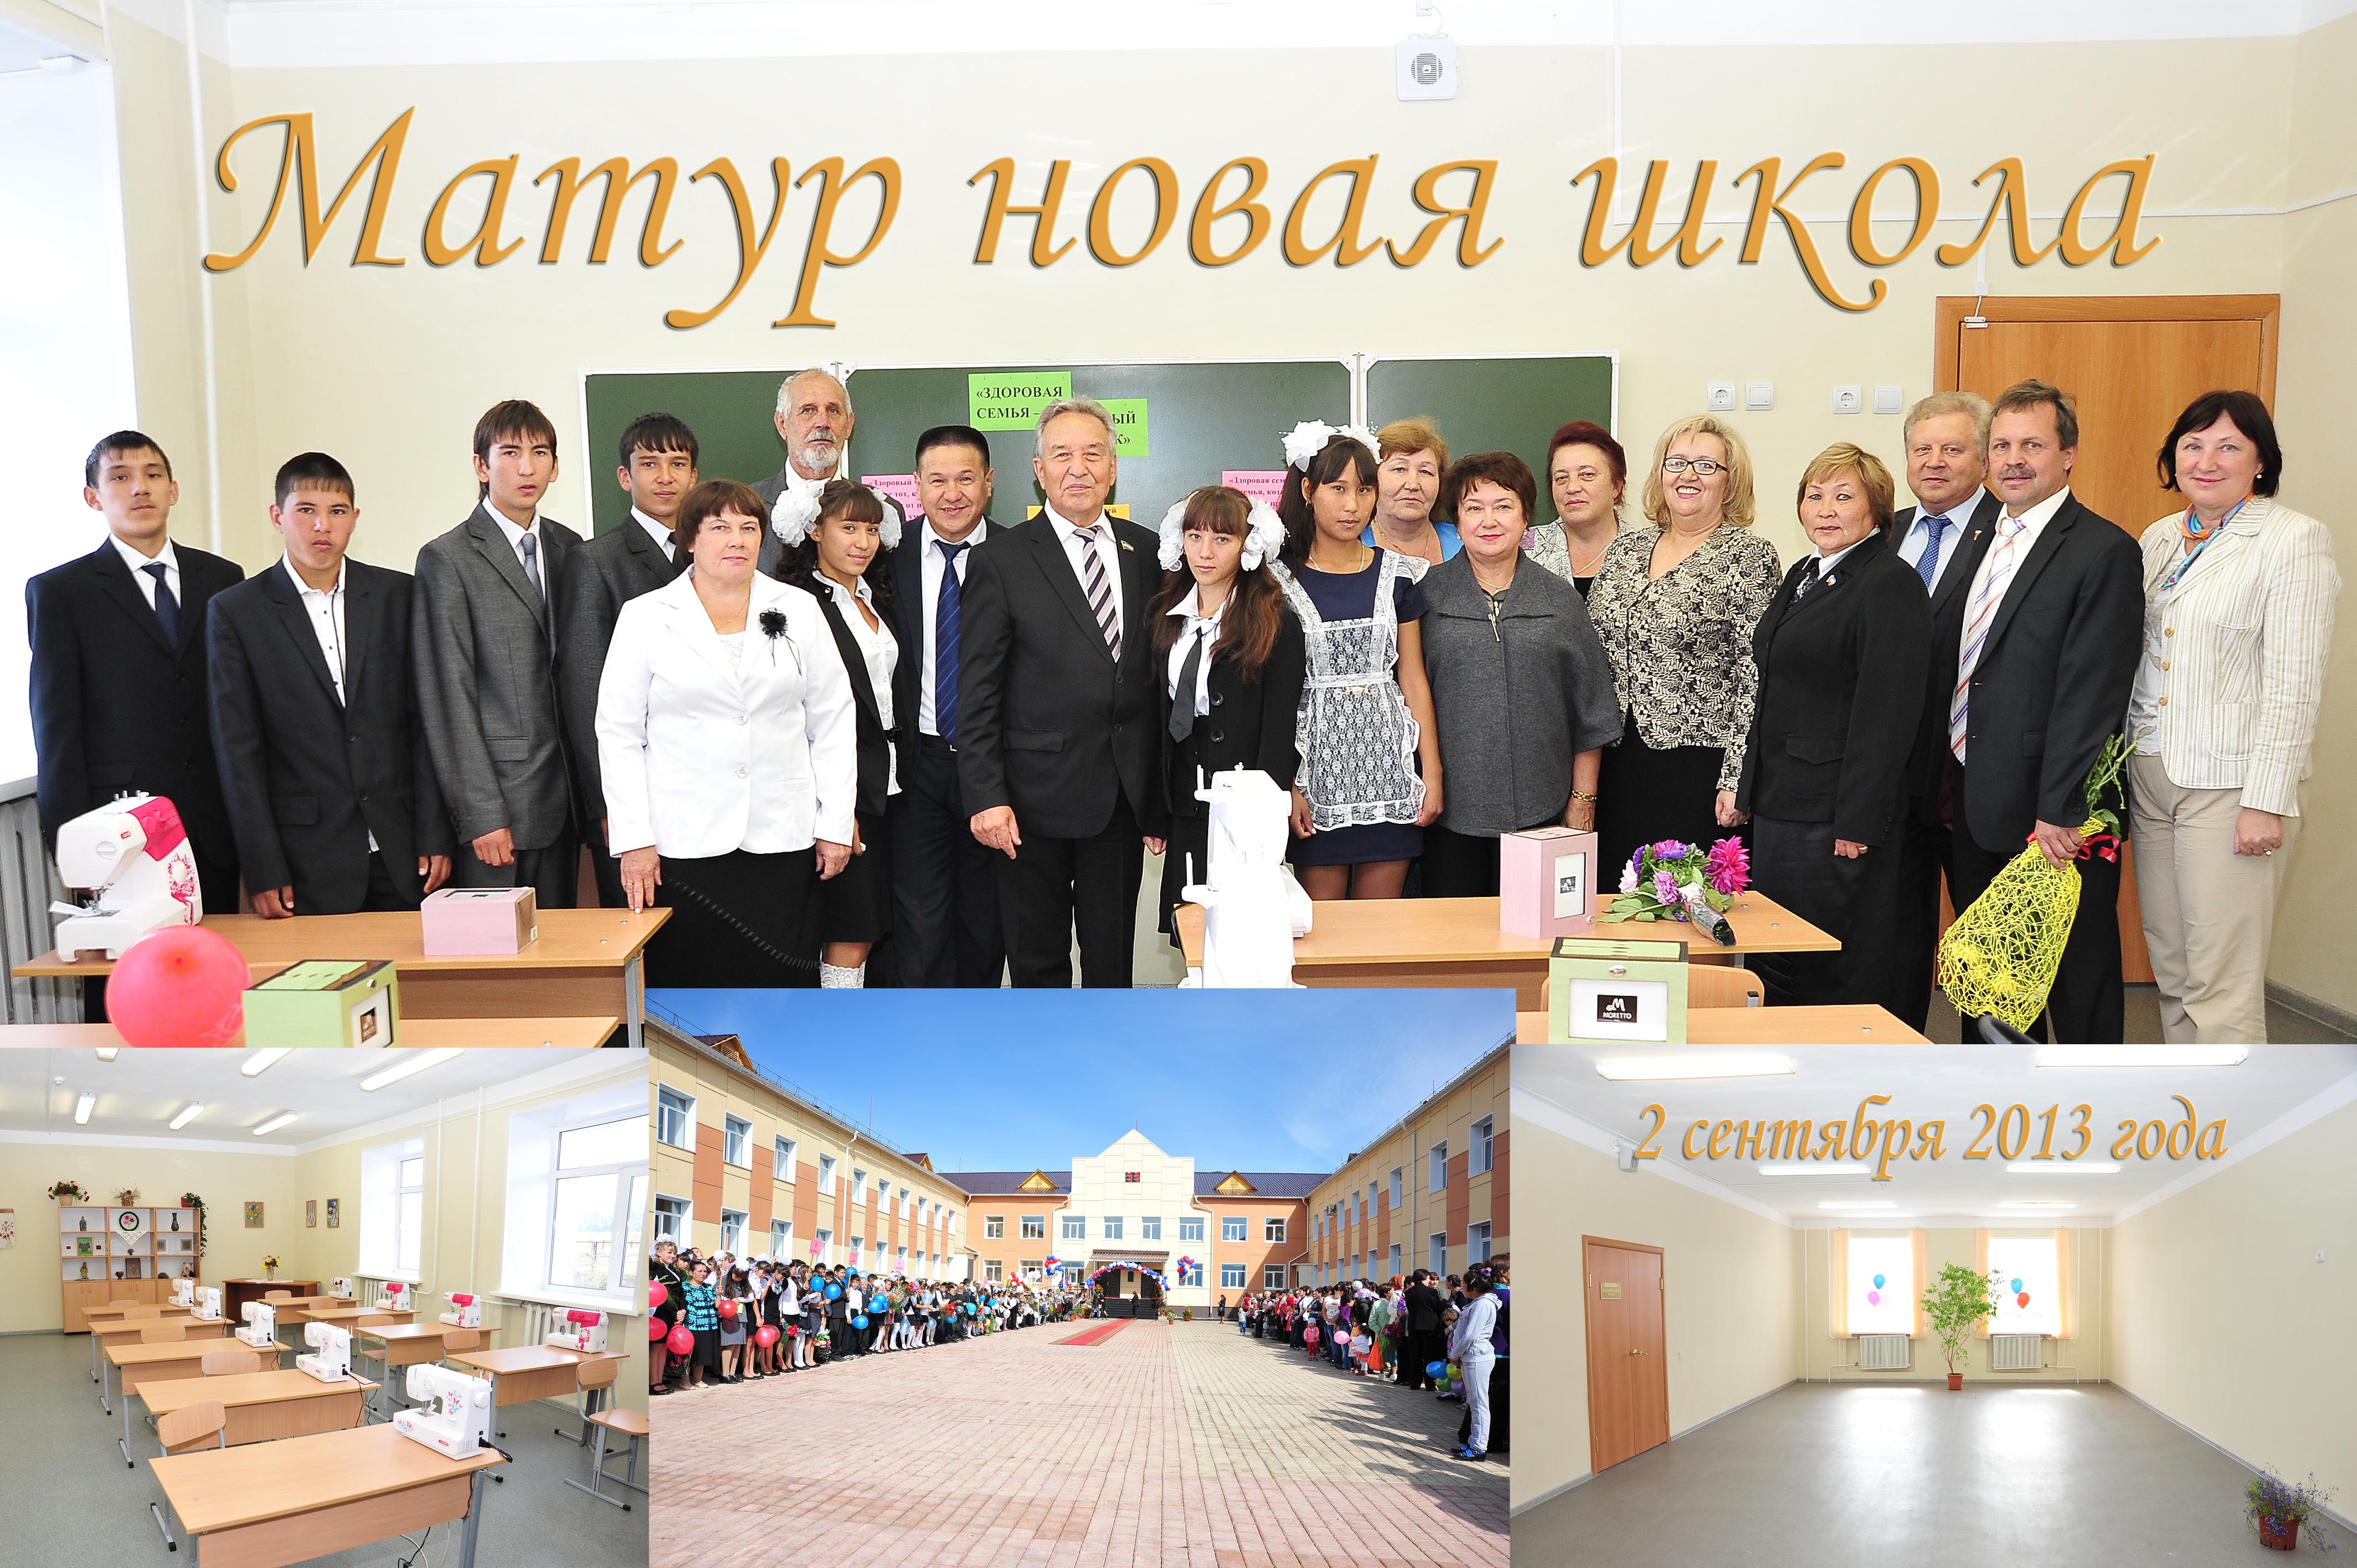 Открытие Матурской школы